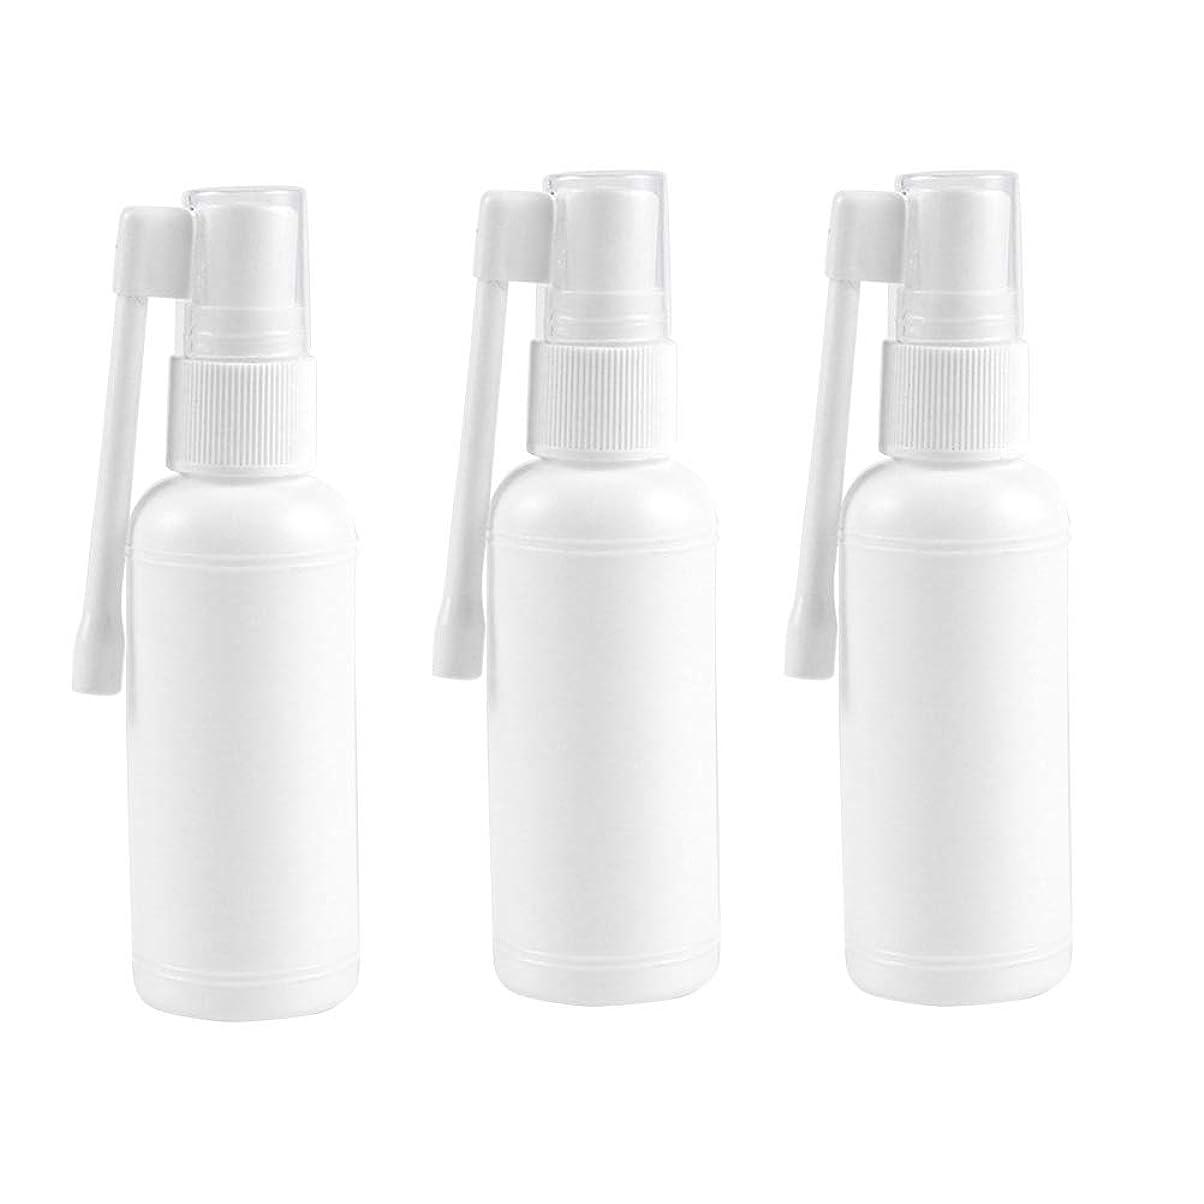 敏感なウィスキー香港Healifty 20mlポータブル鼻腔用スプレーボトル鼻炎詰め替え式細かい霧空のスプレーボトル10個(ホワイト)